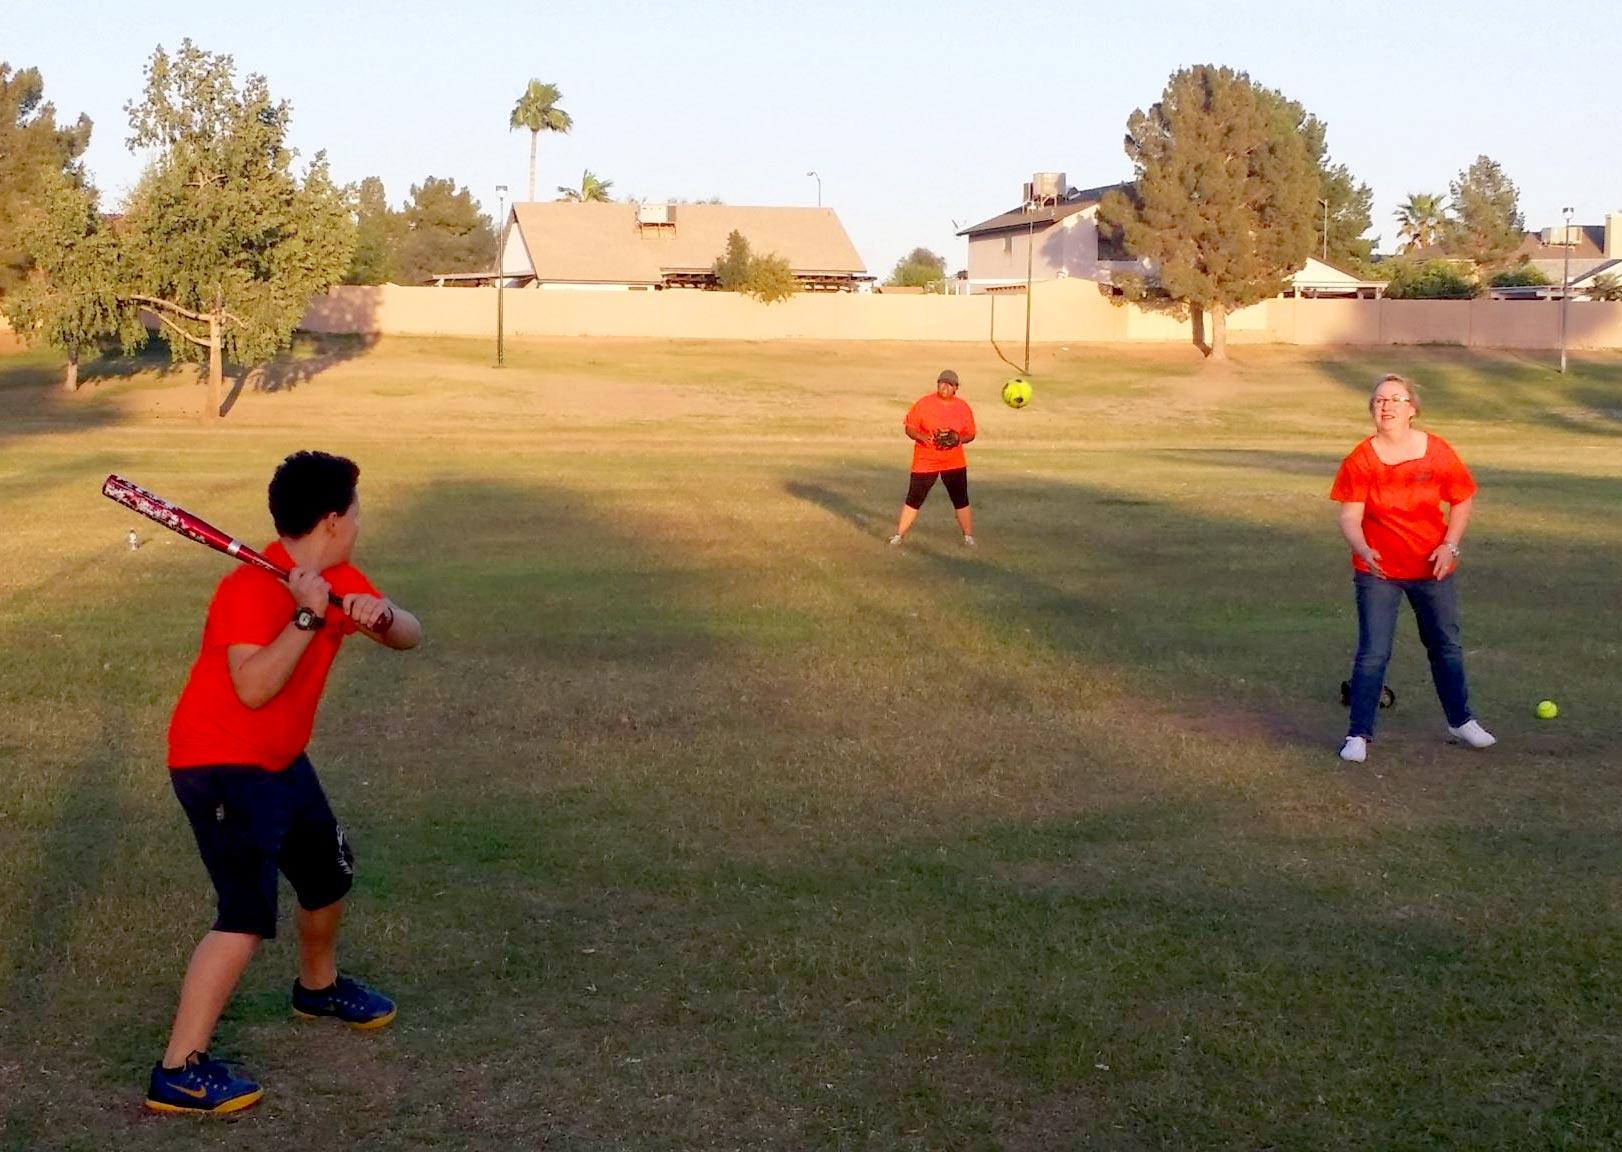 YOUNG TMOTHYS AT BASEBALL